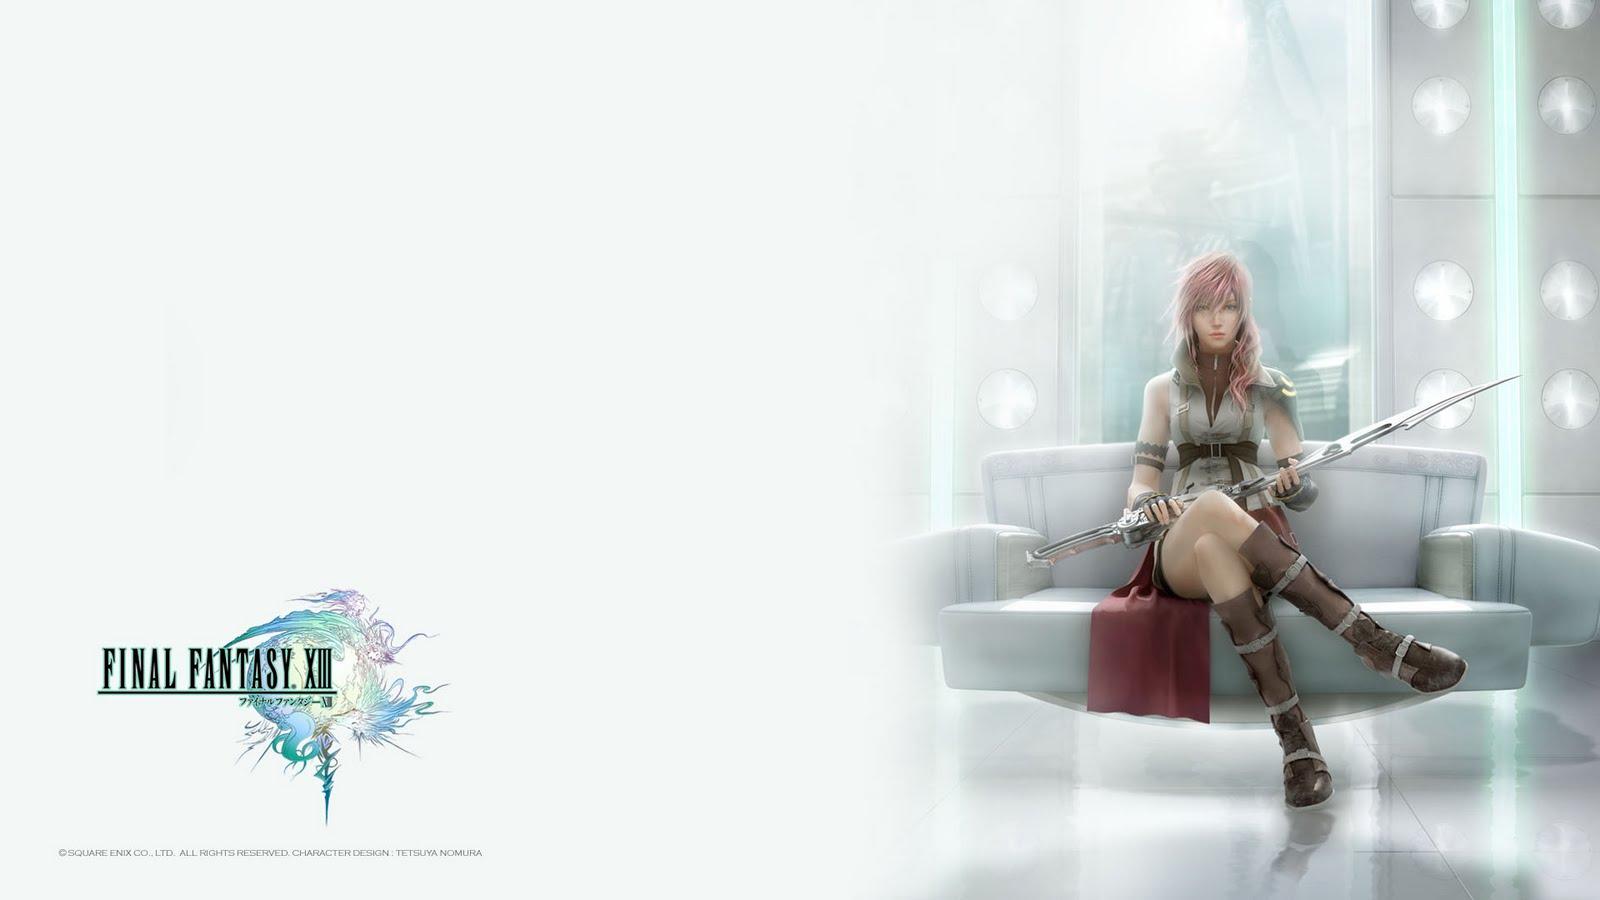 http://3.bp.blogspot.com/_T14nV8QfMU4/TDHiiaxOsBI/AAAAAAAAA04/5_VsMCtyLLo/s1600/final-fantasy-xiii-wallpaper-1.jpg